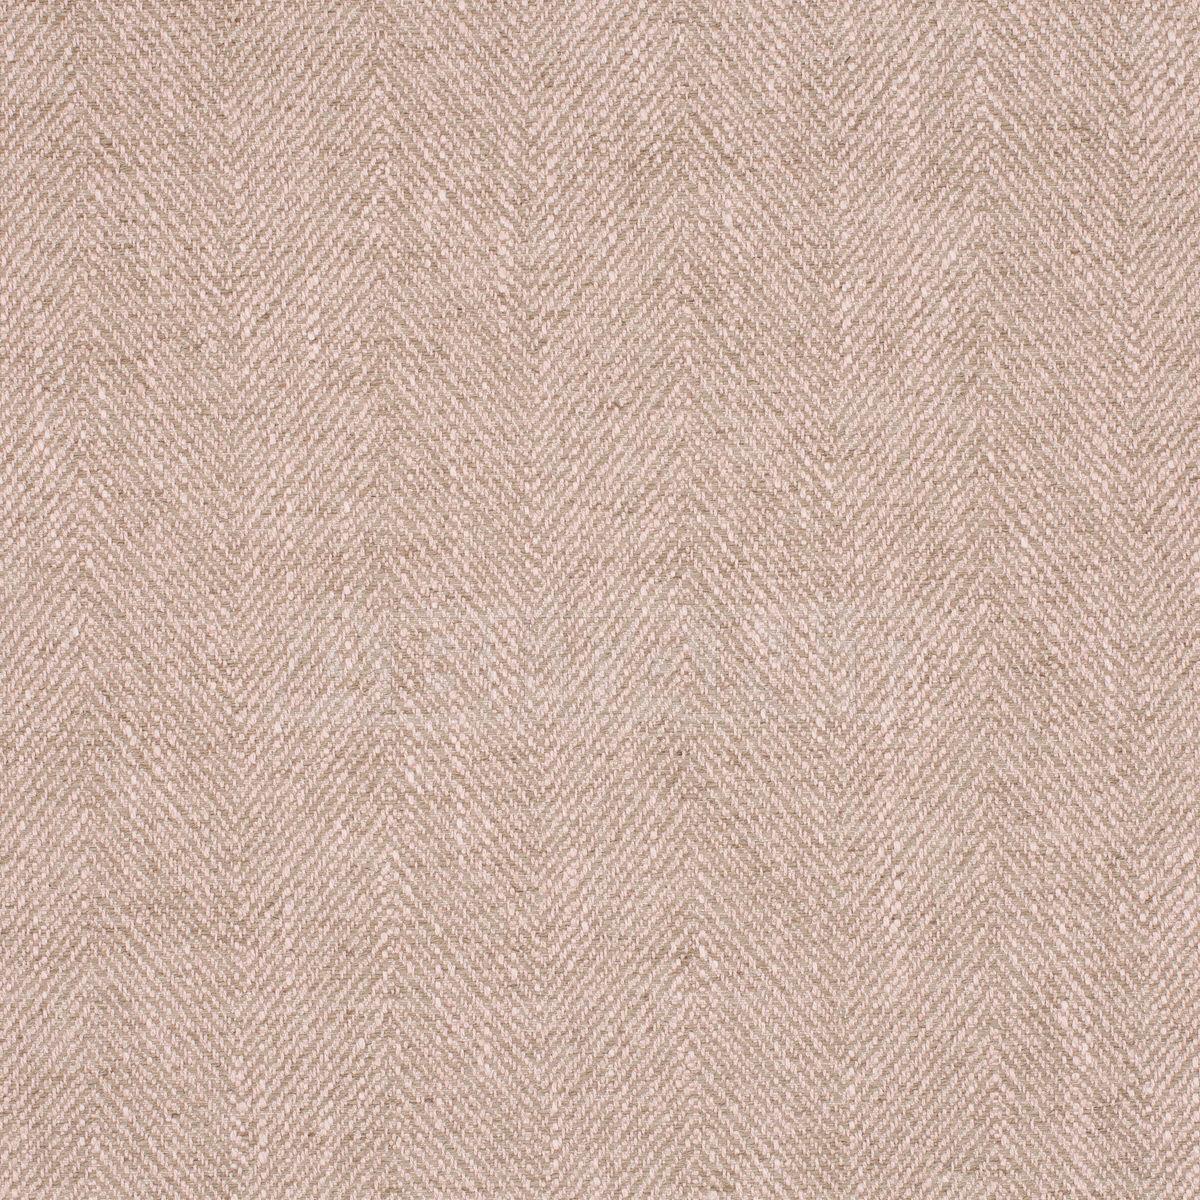 Купить Обивочная ткань MASTERPIECE Chivasso BV 2015 CA1158 060